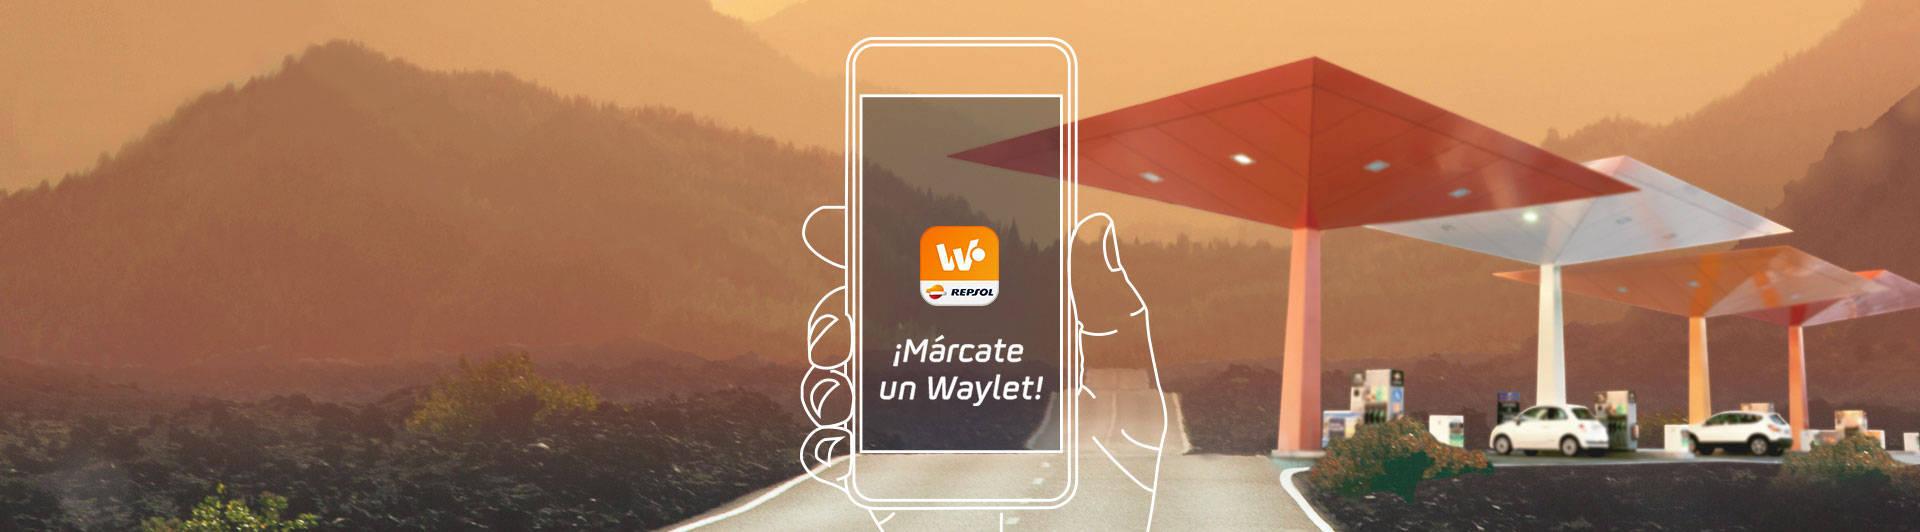 waylet-app-repsol